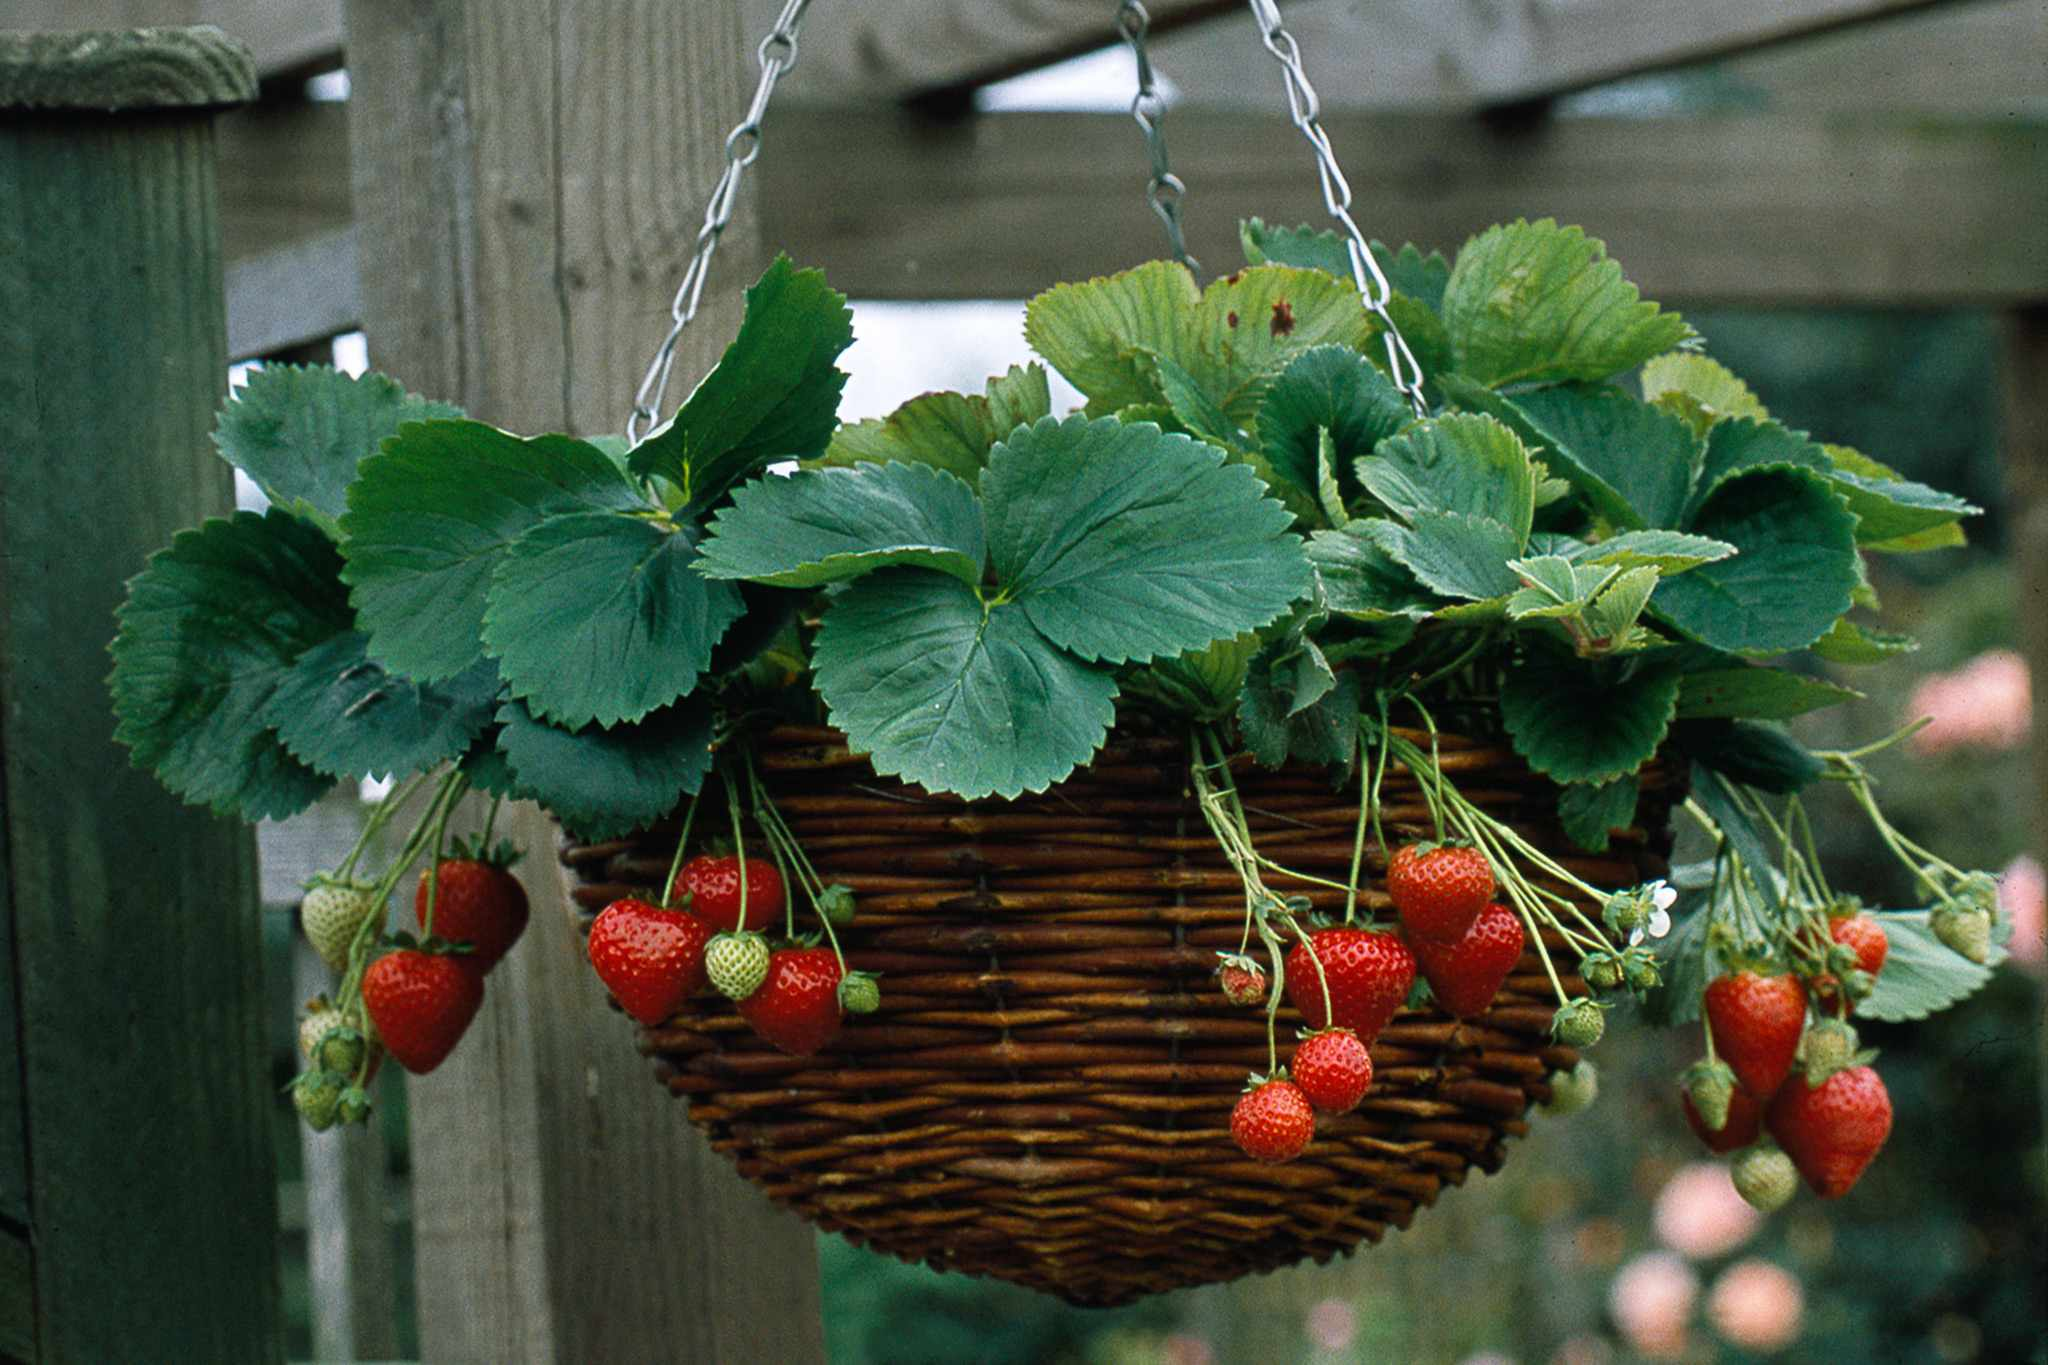 Strawberry hanging basket